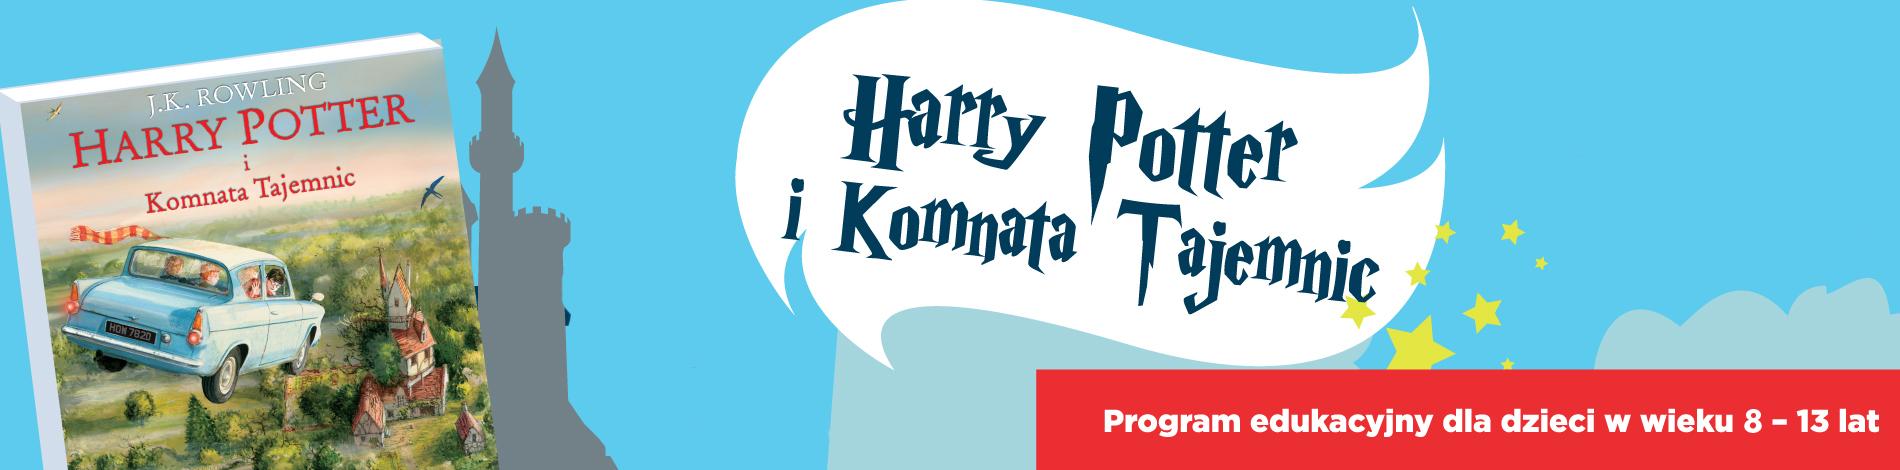 program edukacyjny dla dzieci